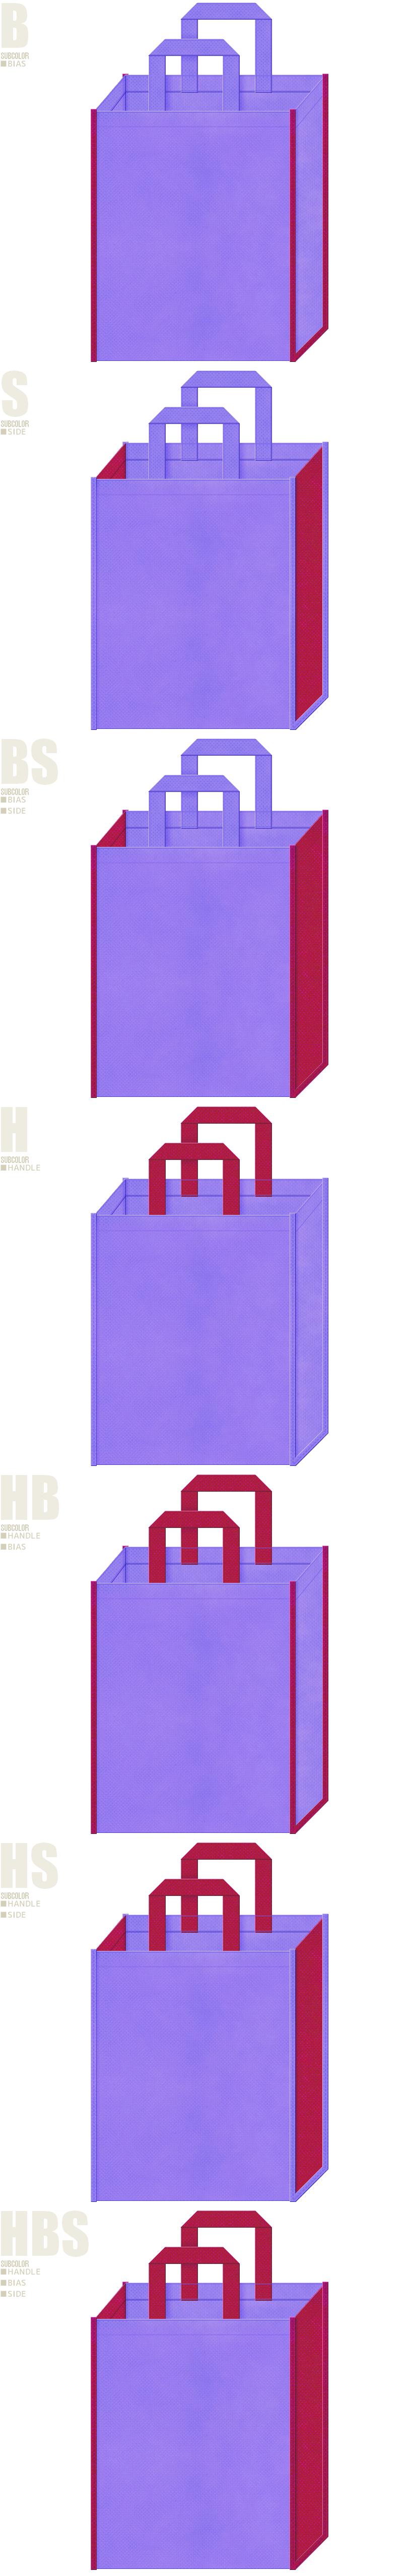 不織布バッグのデザイン:薄紫色と濃いピンク色の配色7パターン